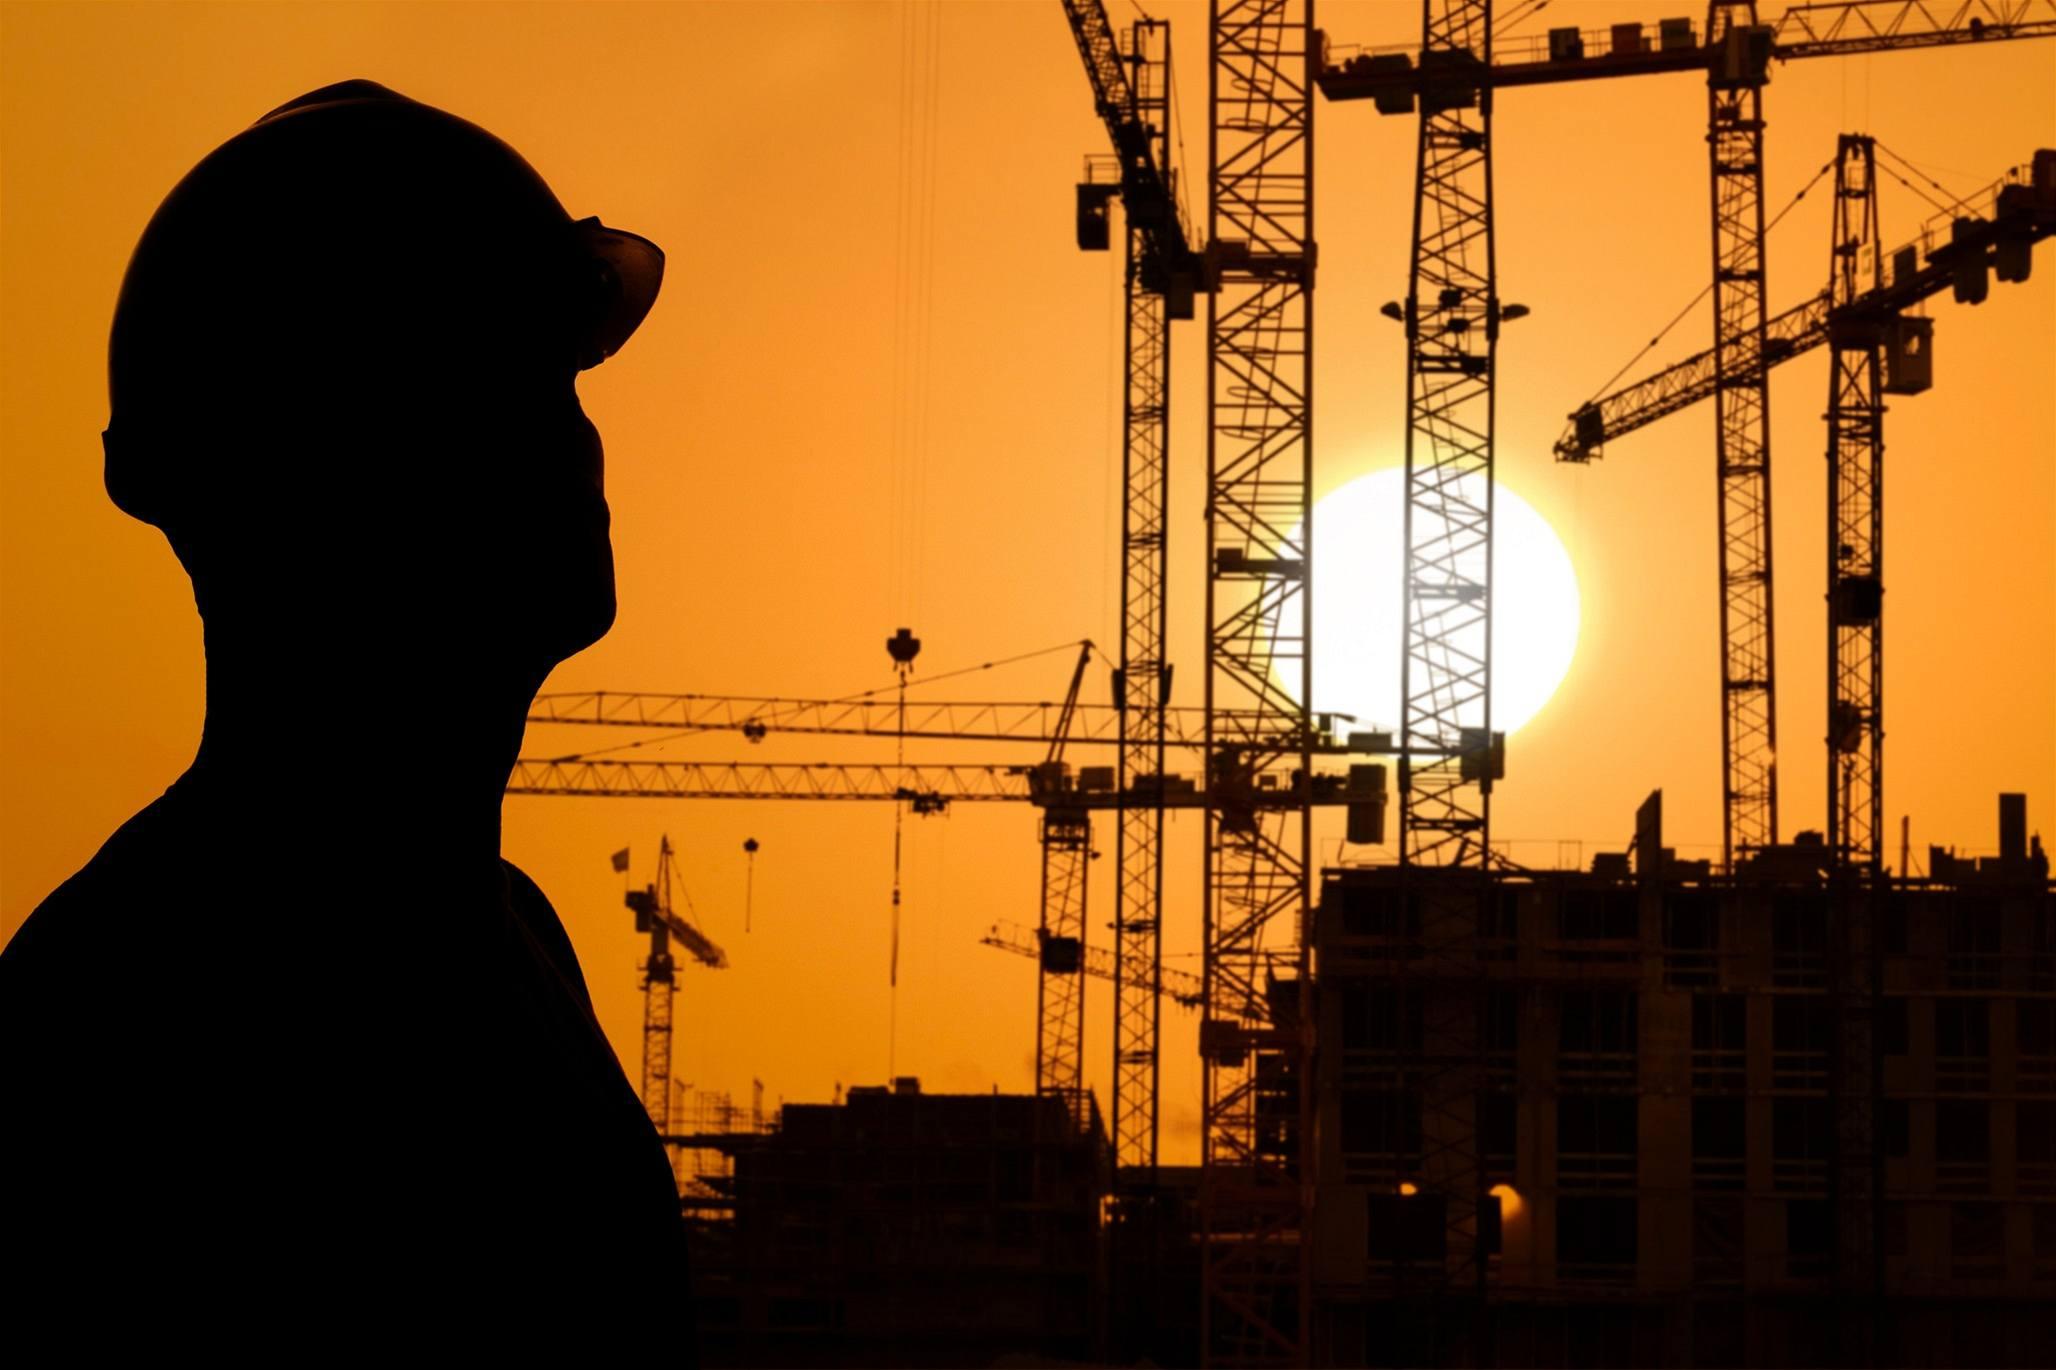 Жилищное строительство- приоритетная задача правительства Ярославской области.